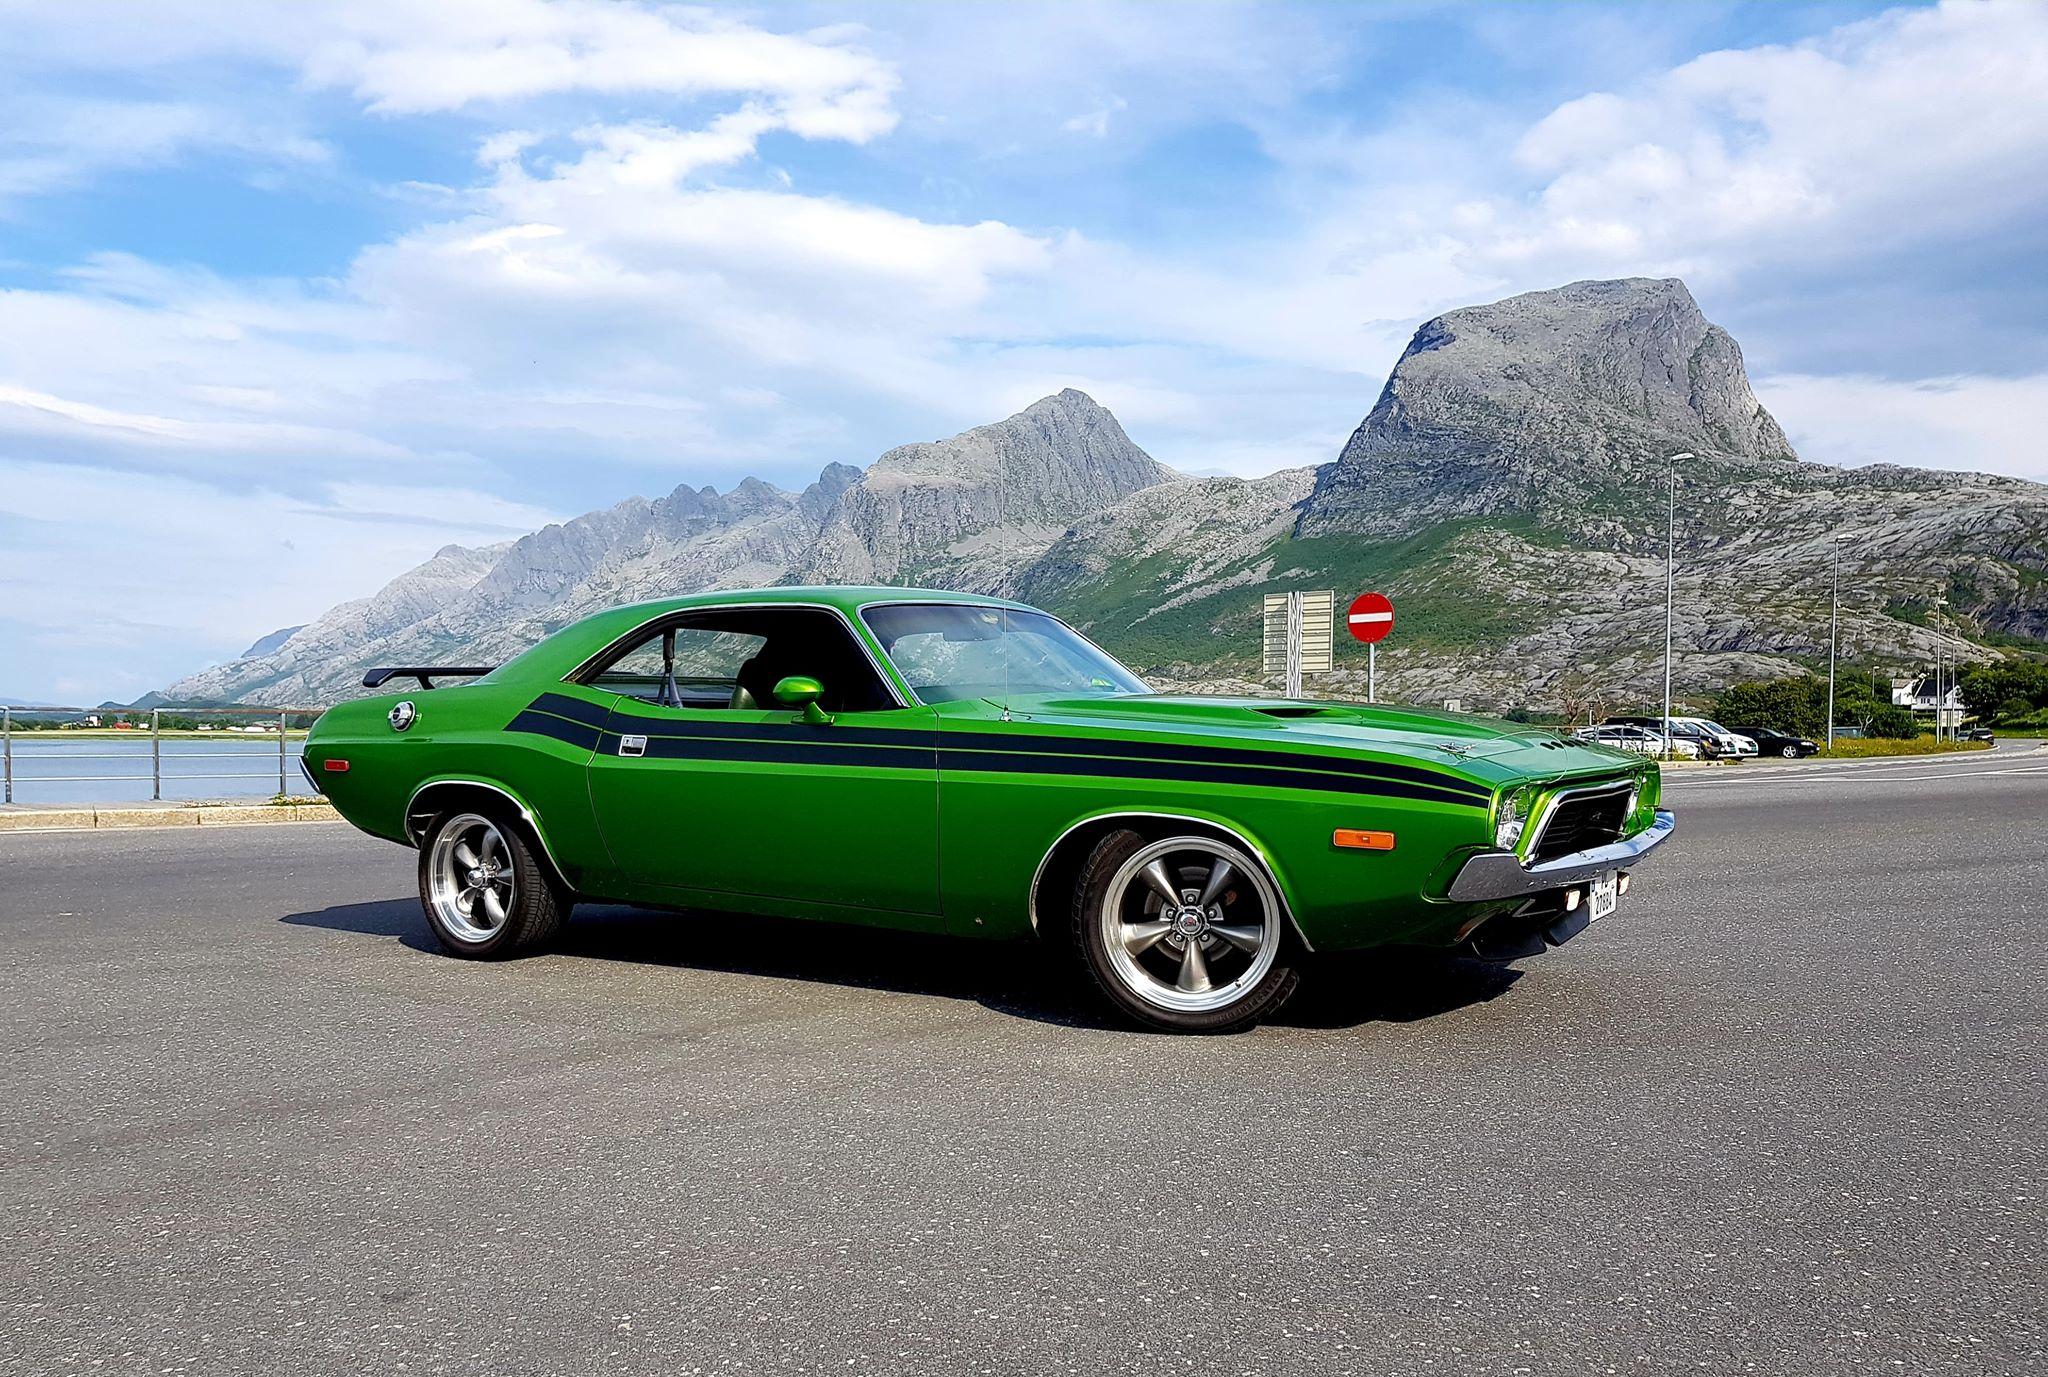 Helgelandskysten byr på en perfekt bakgrunn for en vakker bil.